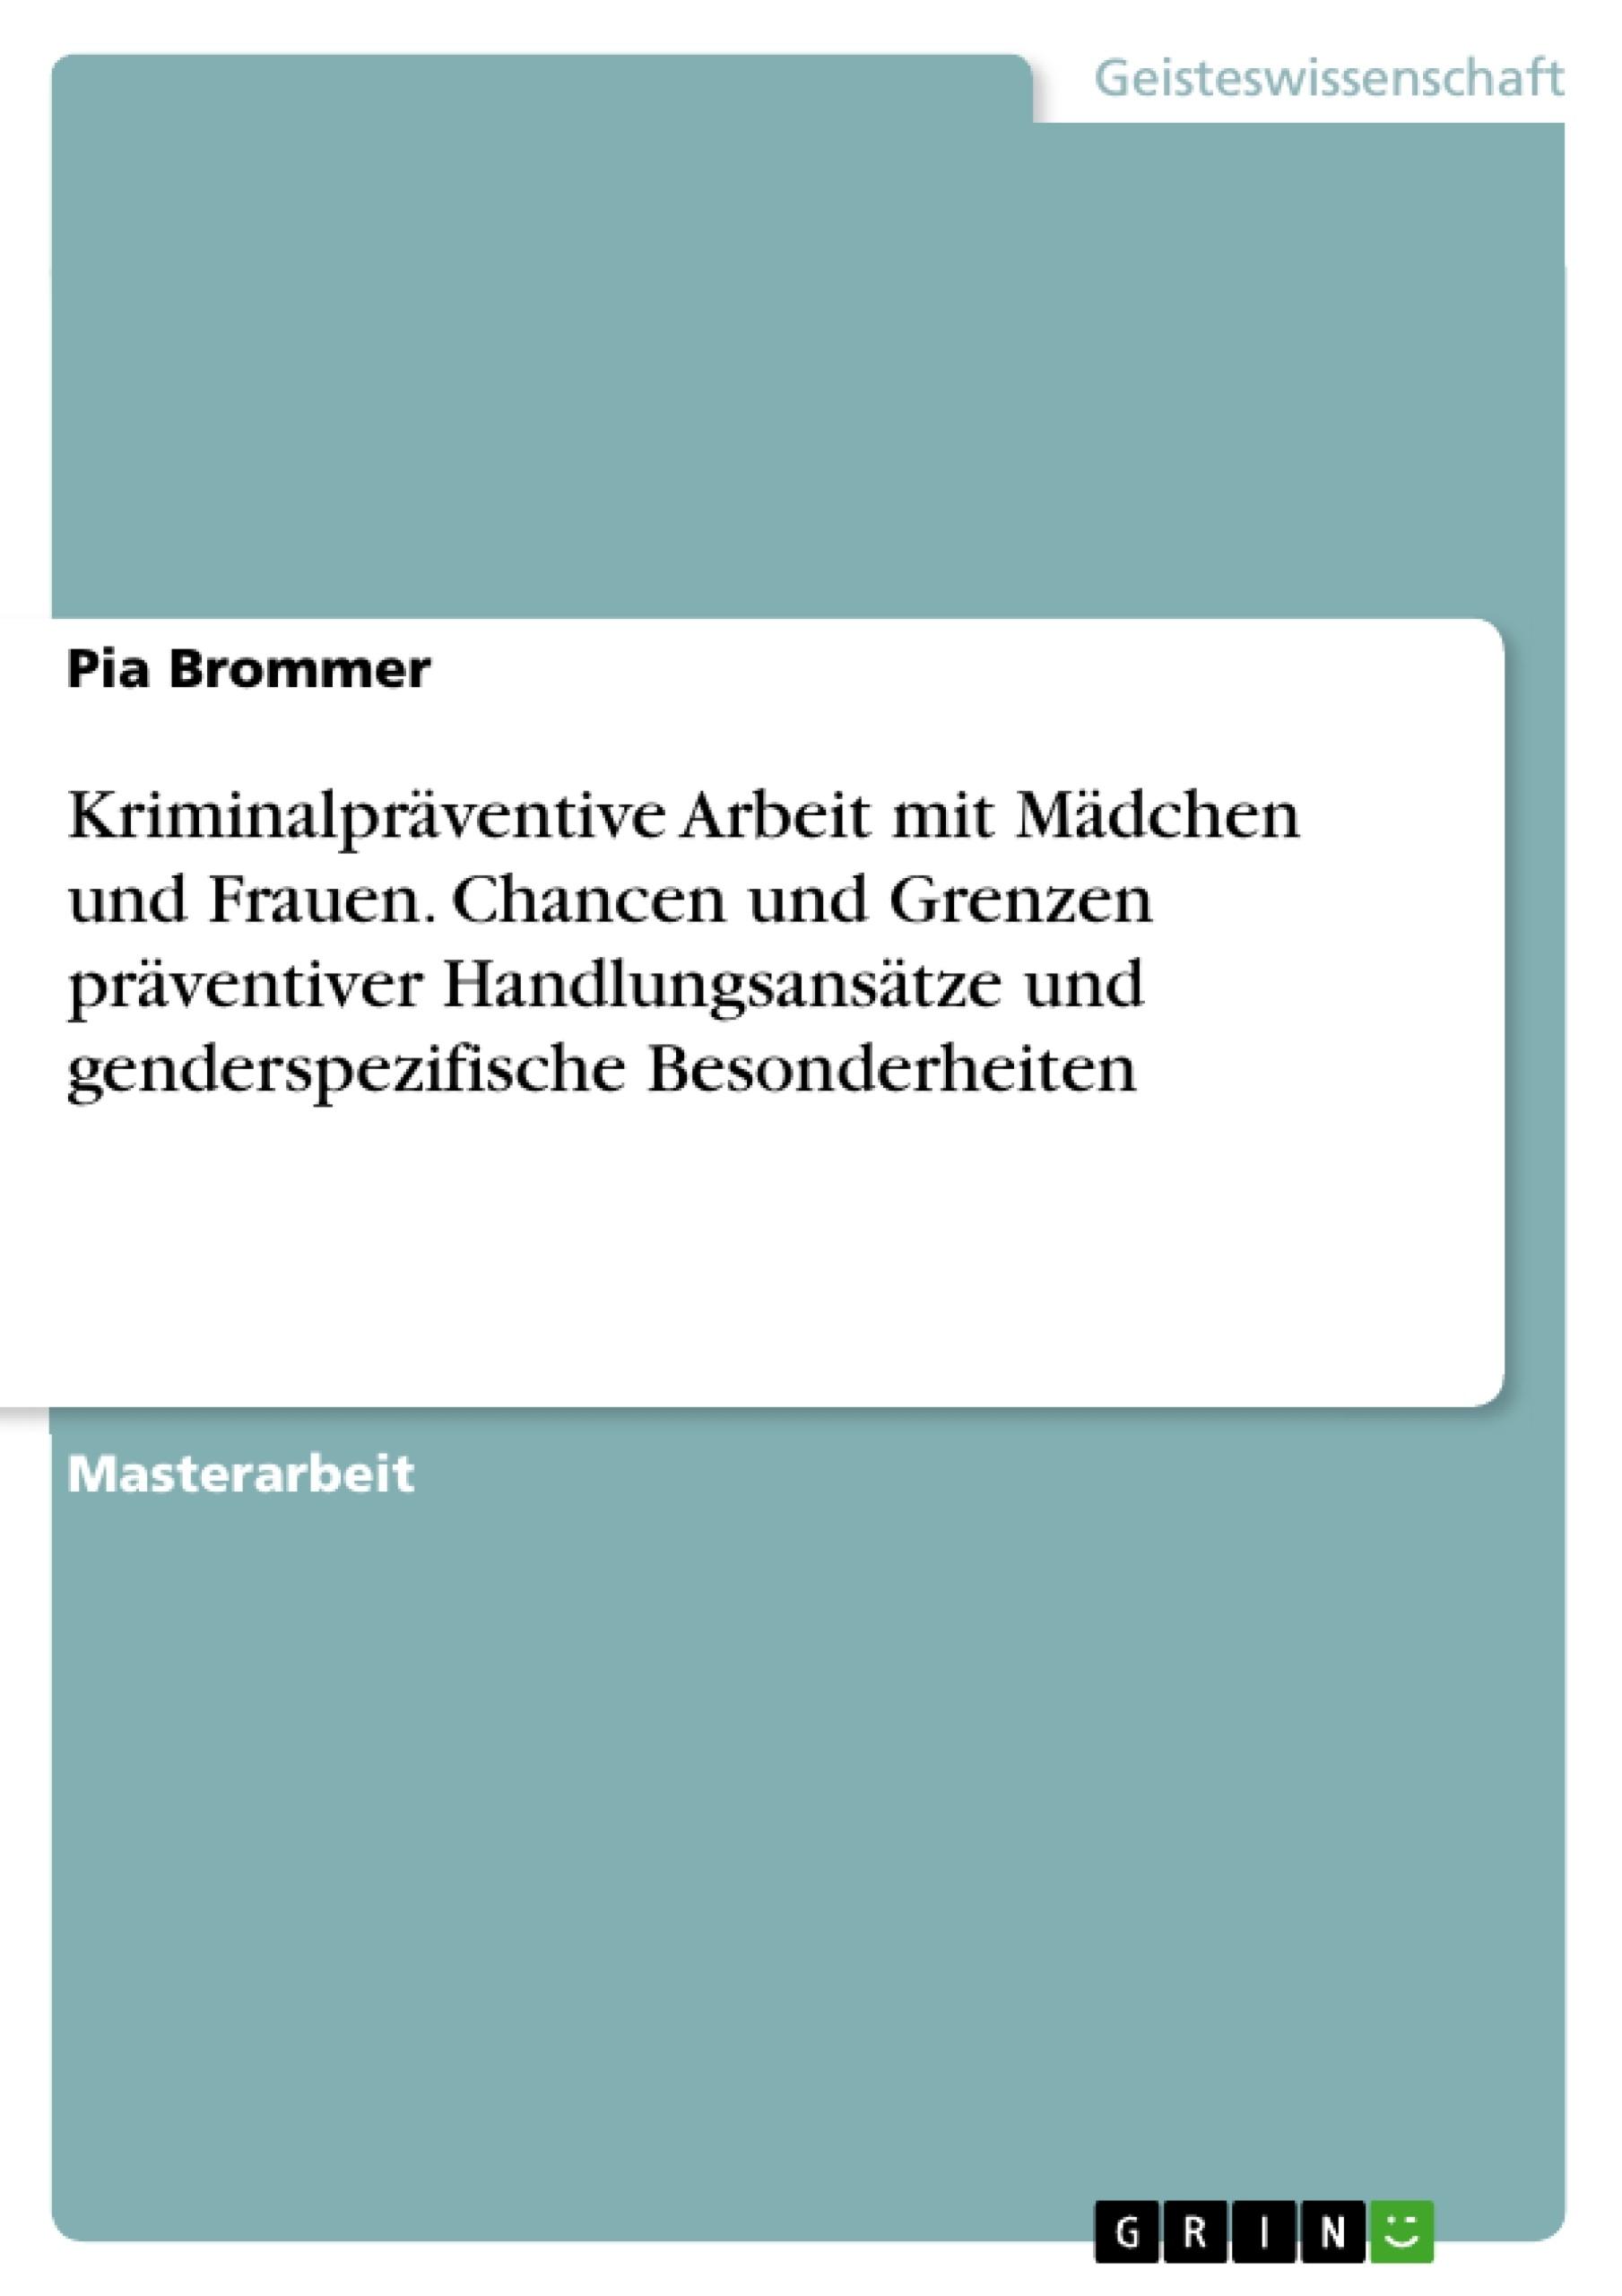 Titel: Kriminalpräventive Arbeit mit Mädchen und Frauen. Chancen und Grenzen präventiver Handlungsansätze und genderspezifische Besonderheiten